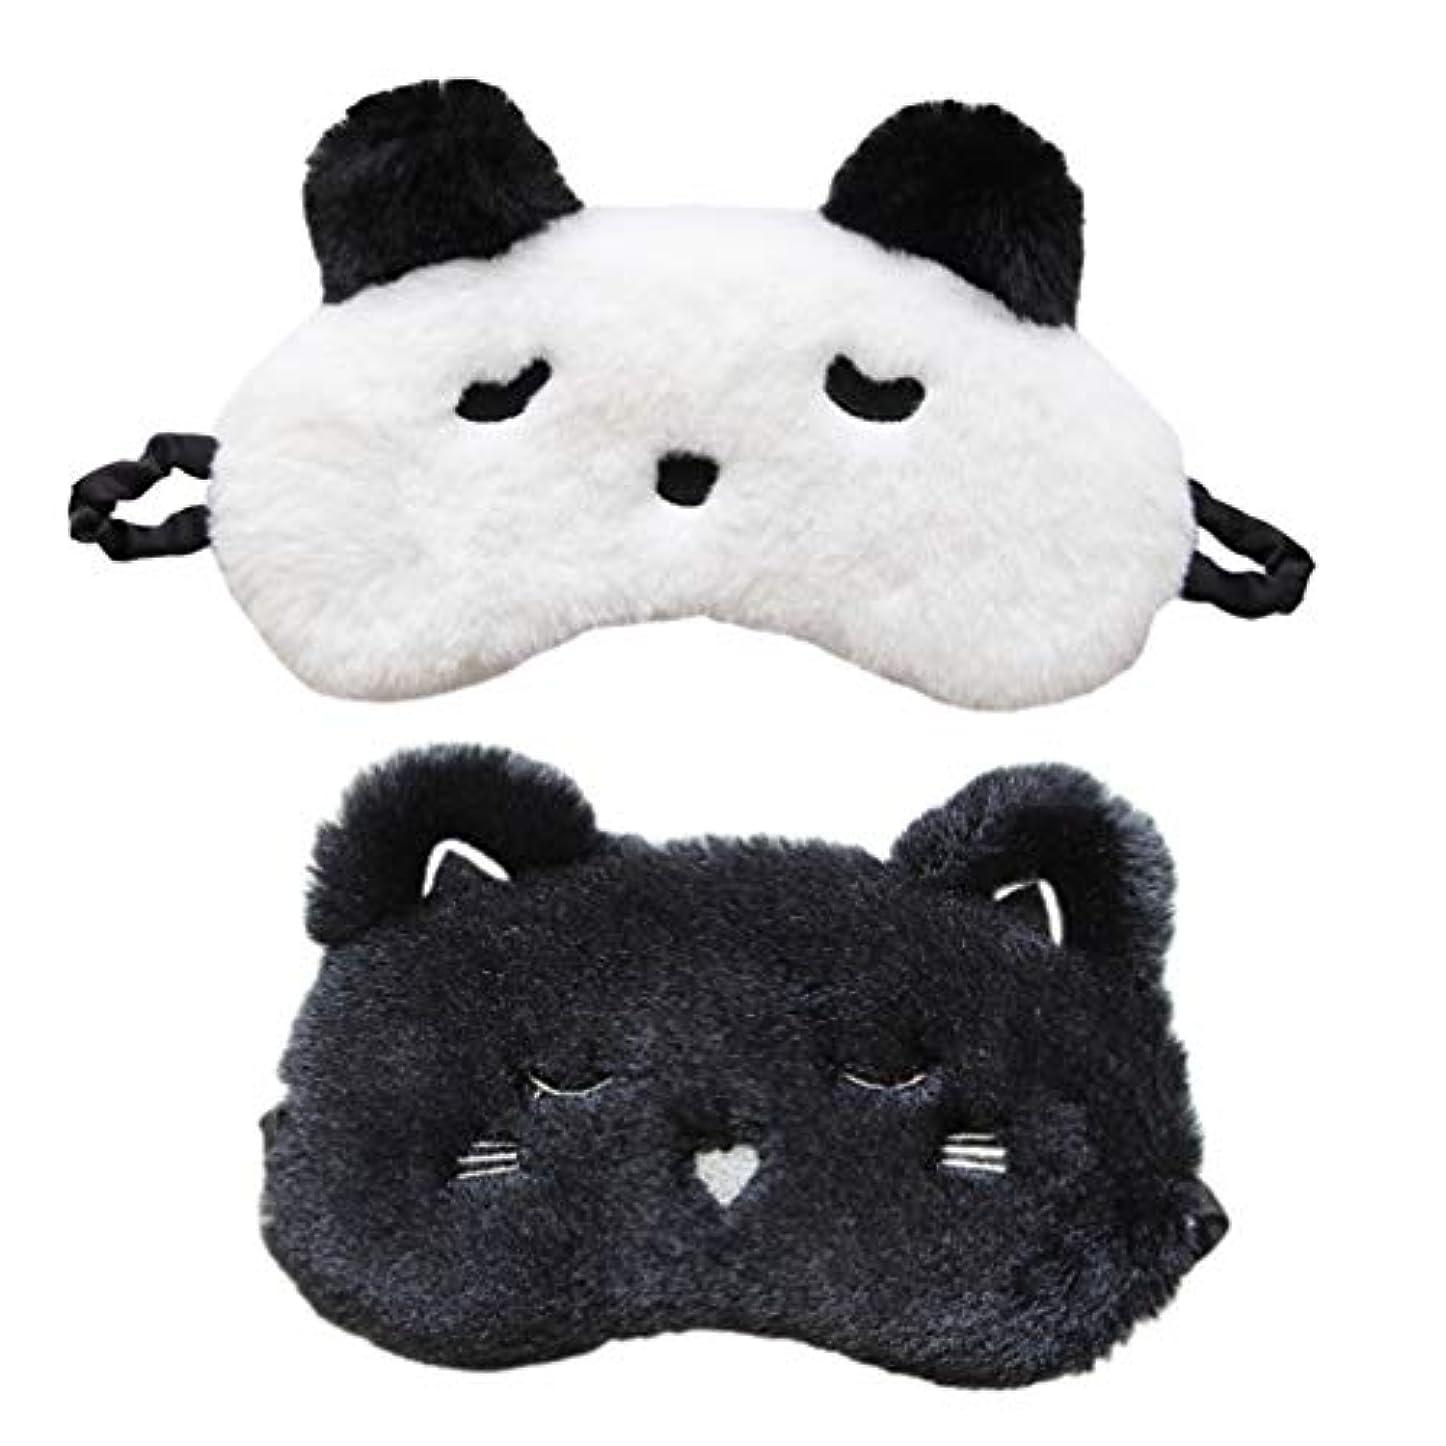 二次金銭的考えるLurrose 2ピースパンダ睡眠マスクアイマスクアイシェードアイパッチソフト睡眠マスクかわいいパンダ旅行睡眠目隠し仮眠カバー